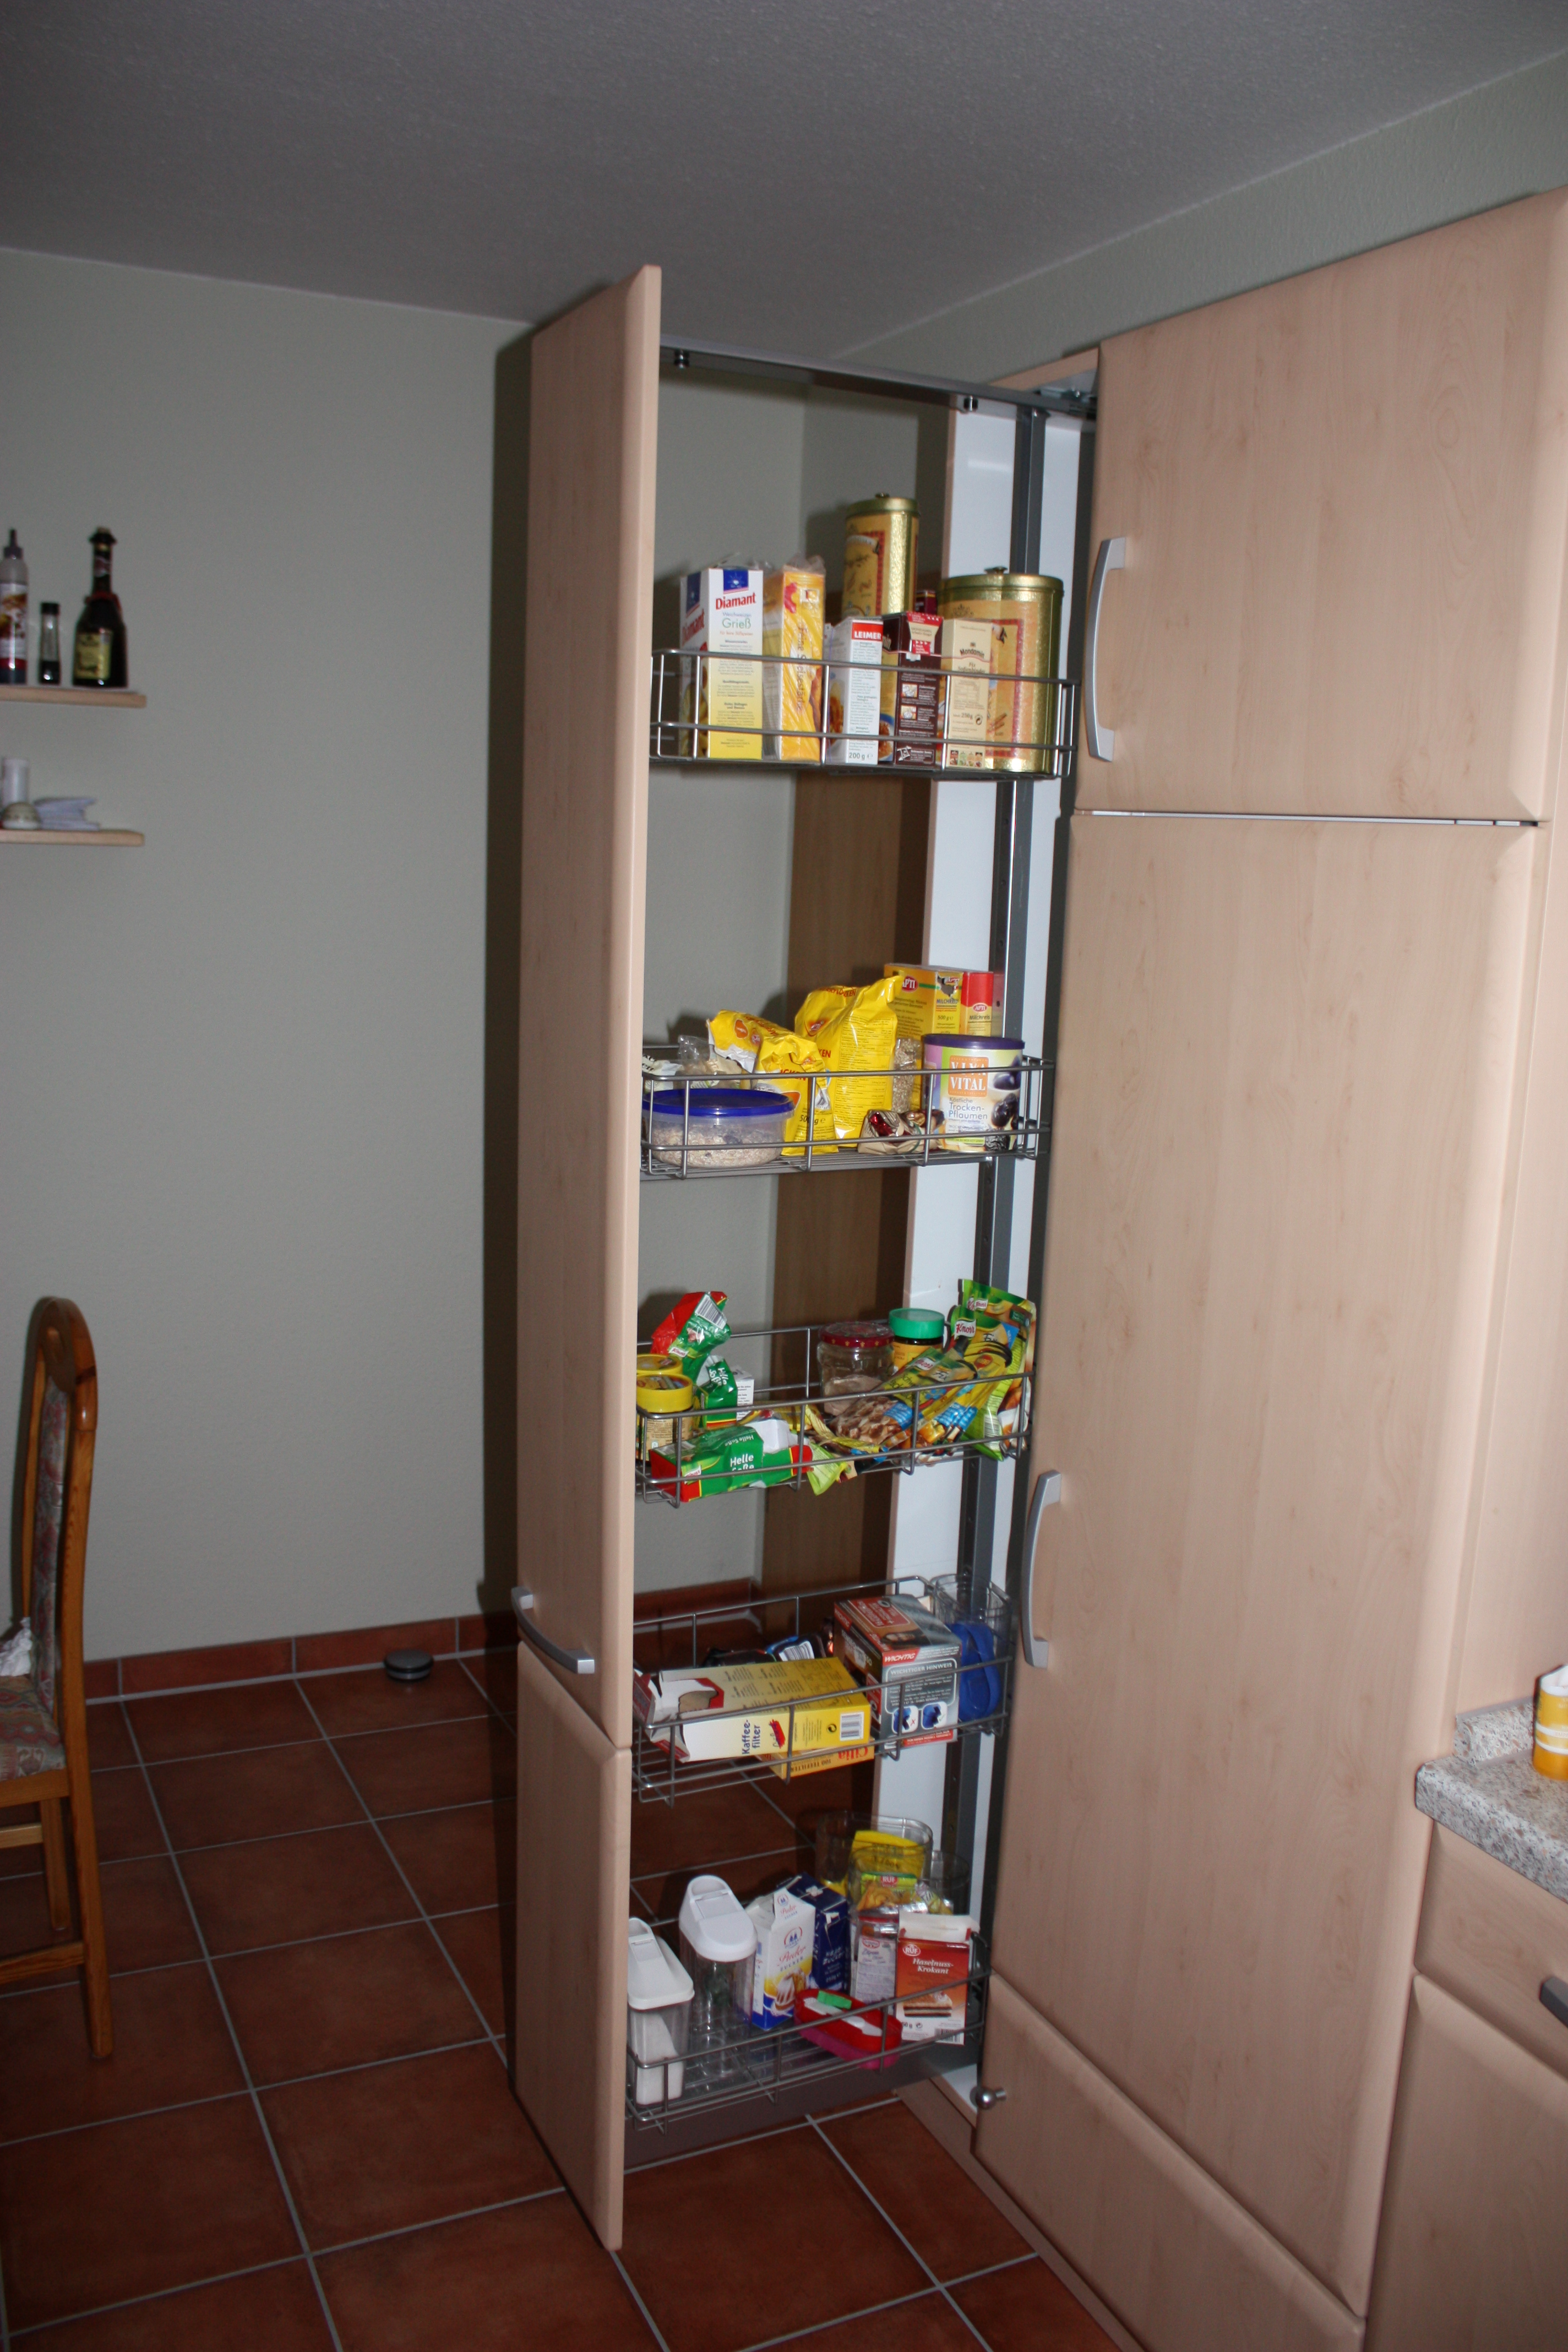 File:Apothekerschrank in einer Einbauküche IMG 0011.JPG ...